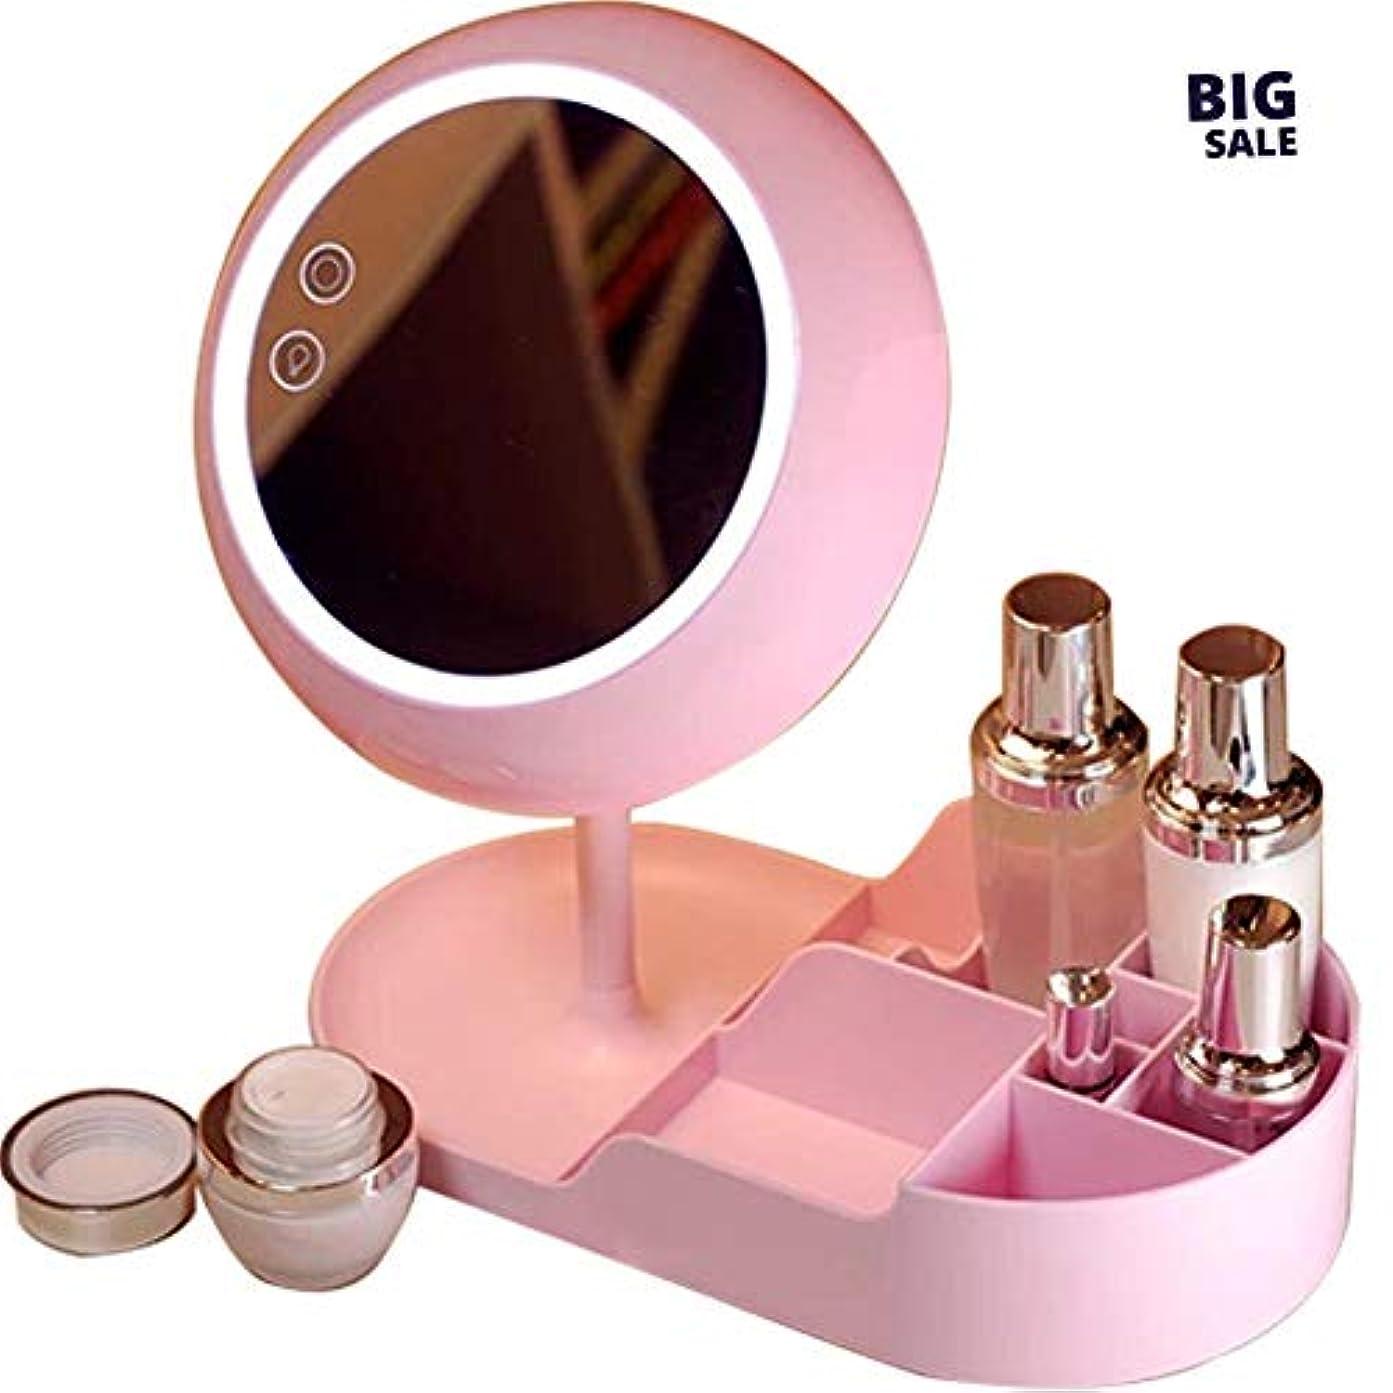 穴安全でない二NICEE創造的な化粧鏡充電式美容化粧鏡、タッチデュアル電源、化粧品収納ボックス化粧鏡NICEY